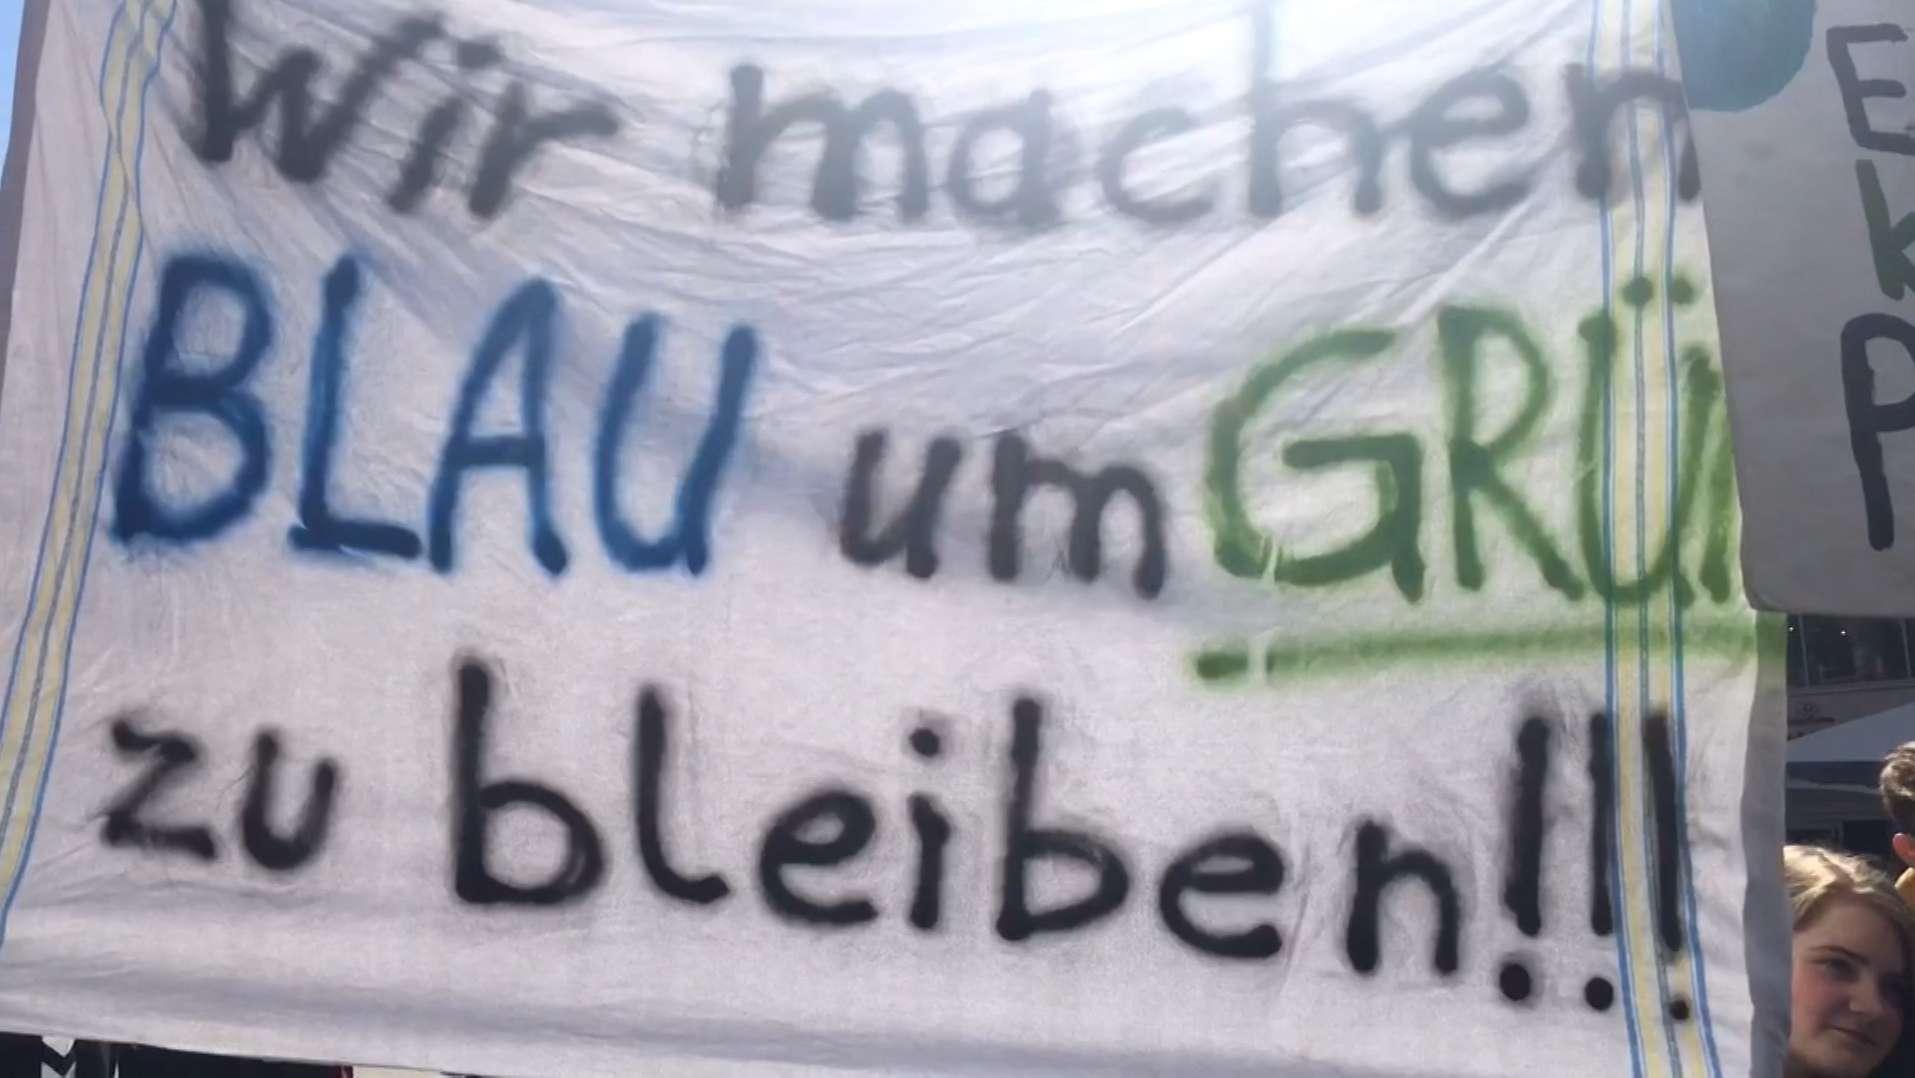 """Plakat bei der """"Fridays for Future""""-Demo in München mit der Aufschrift: """"Wir machen BLAU um GRÜN zu bleiben!!!"""""""